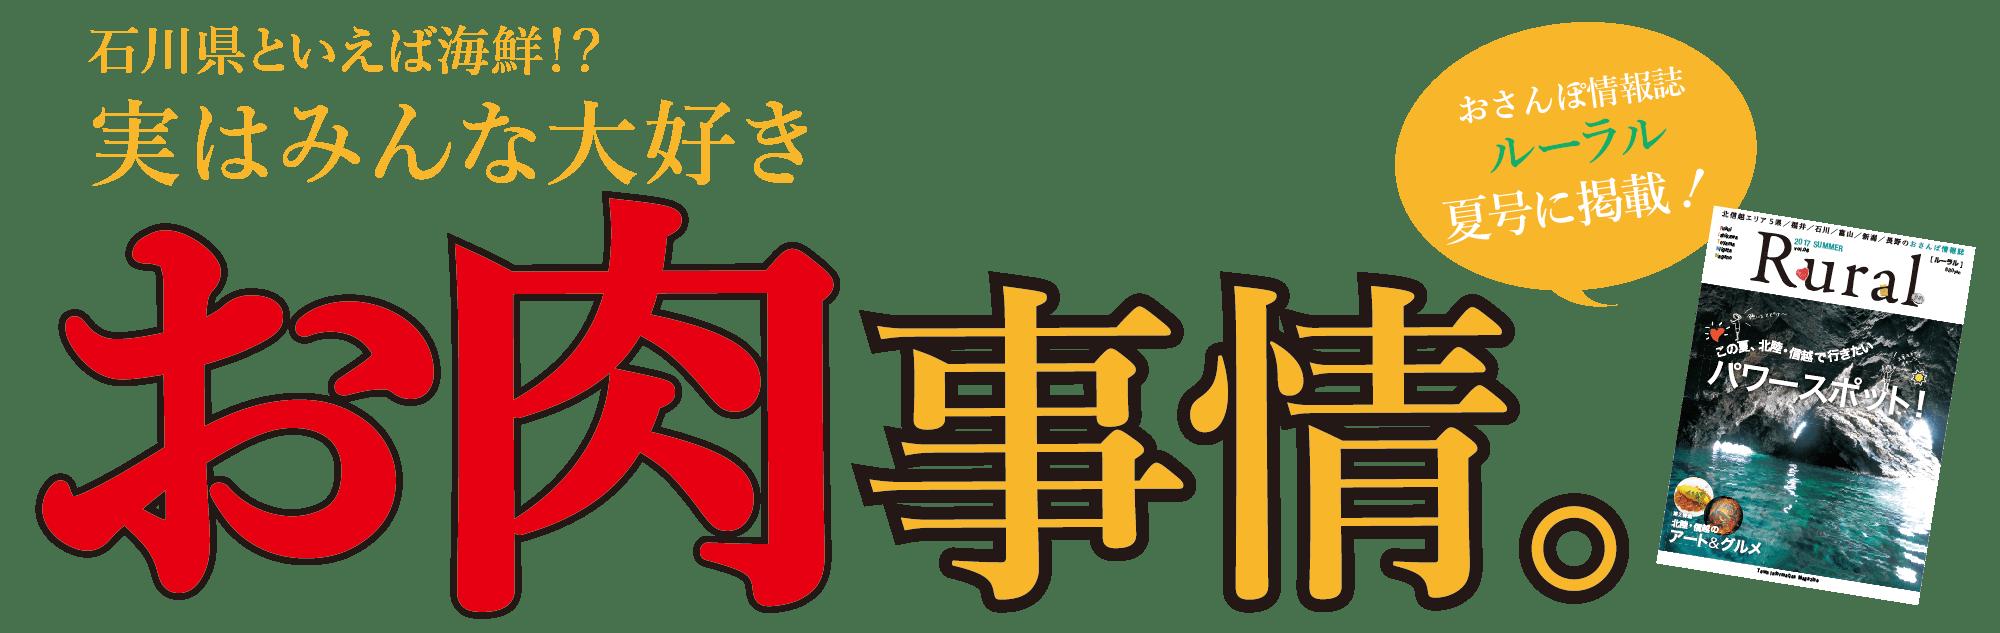 石川県といえば海鮮!?実はみんな大好きお肉事情。(おさんぽ情報誌 ルーラル 夏号に掲載!)